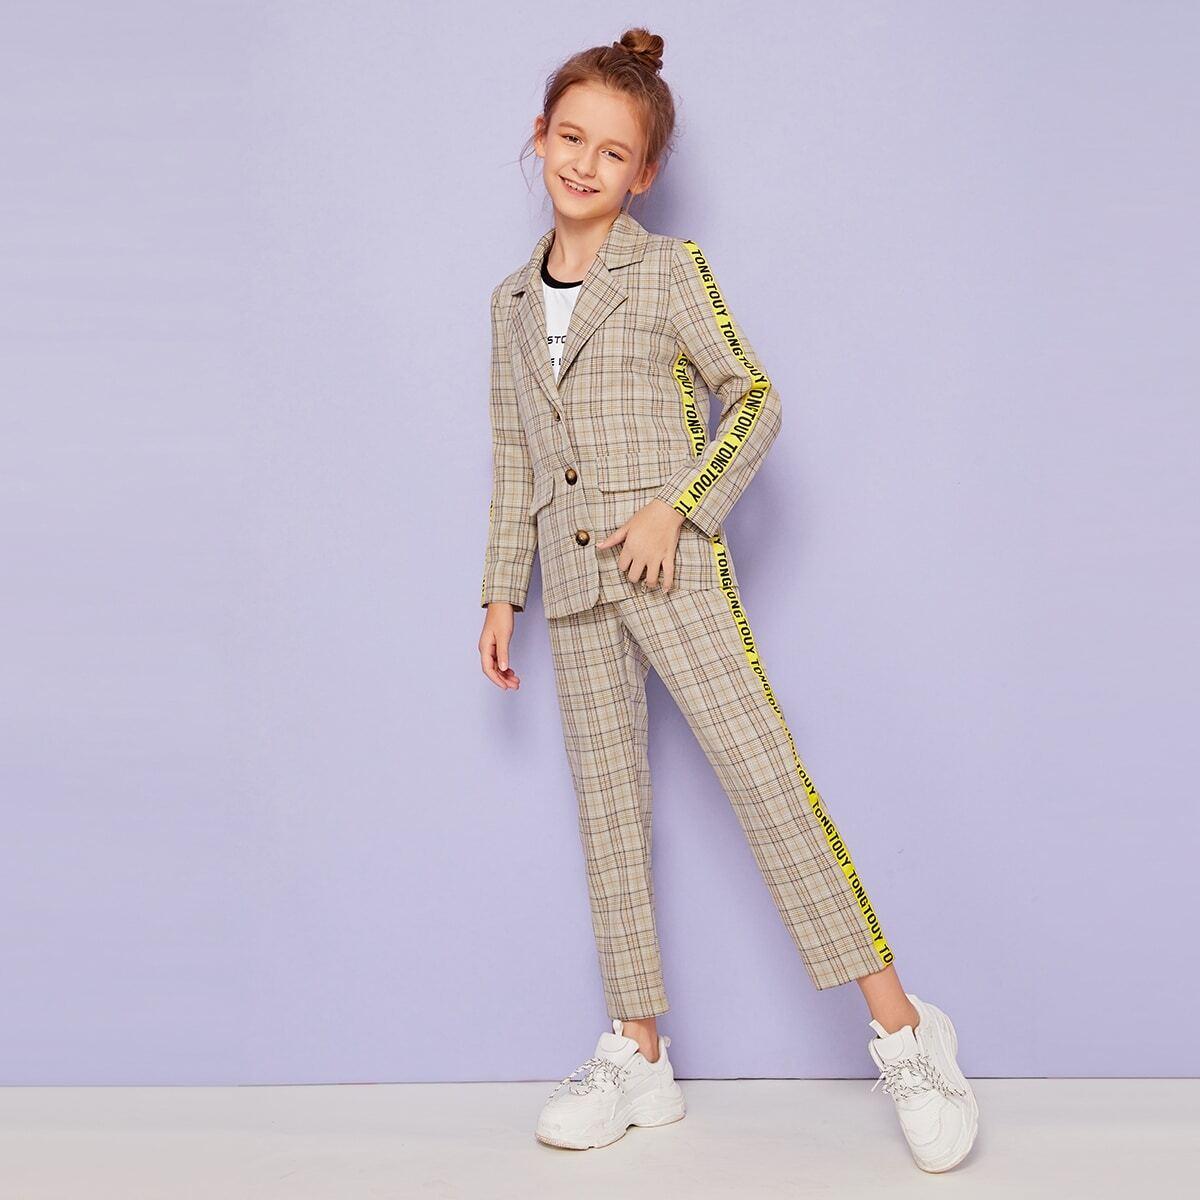 Брюки и пиджак в клетку с текстовой лентой для девочек от SHEIN